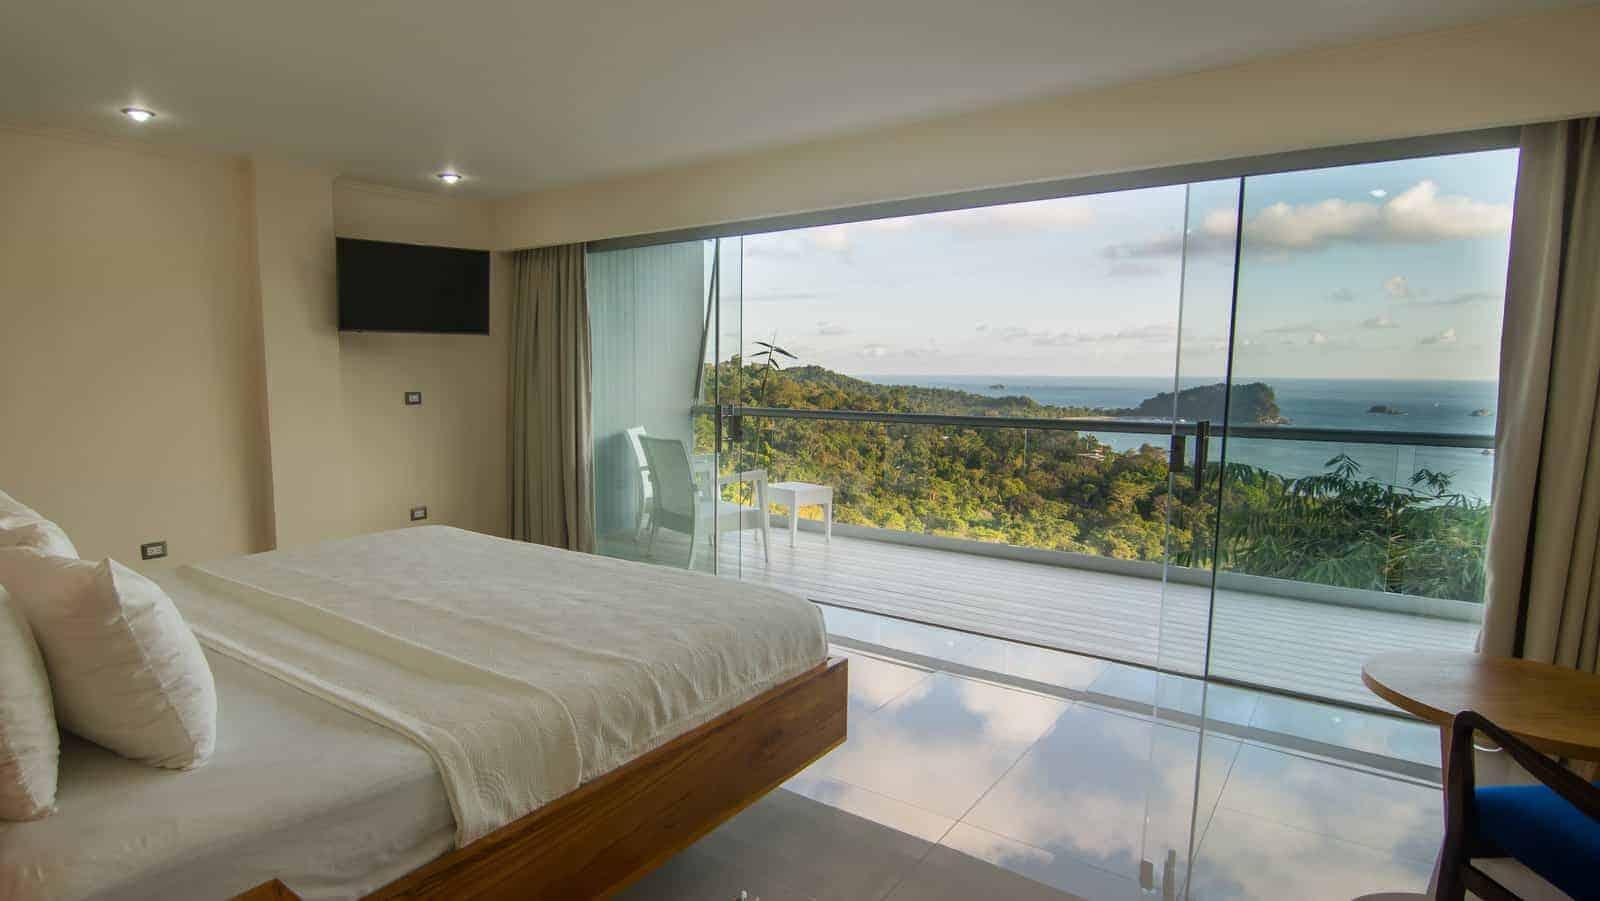 Manuel-Antonio-Vacation-Rental-Apartment-Ocean-View-1bed-001